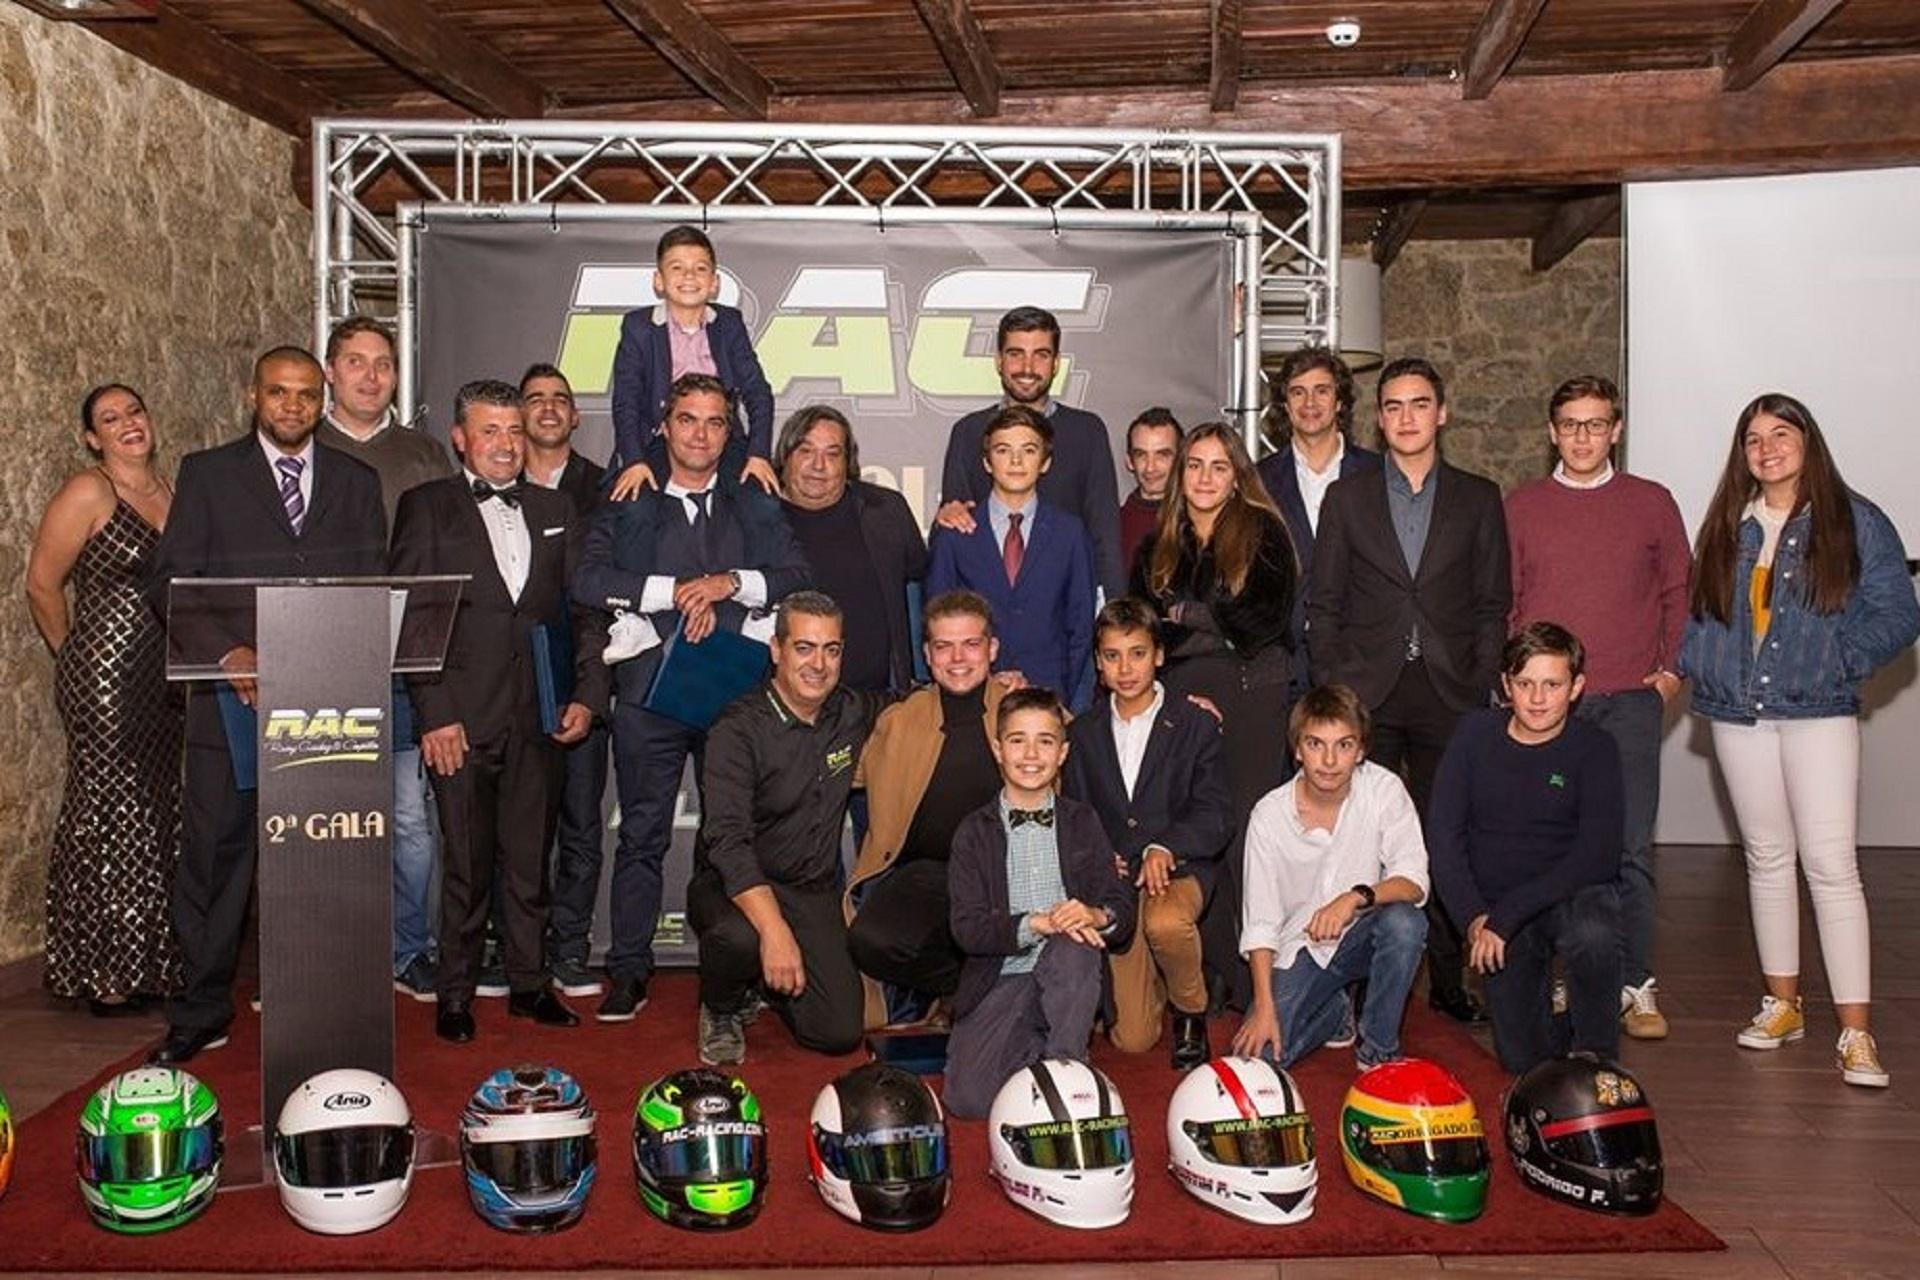 RAC distingue os seus pilotos e revela novidades para 2020 em noite de Gala